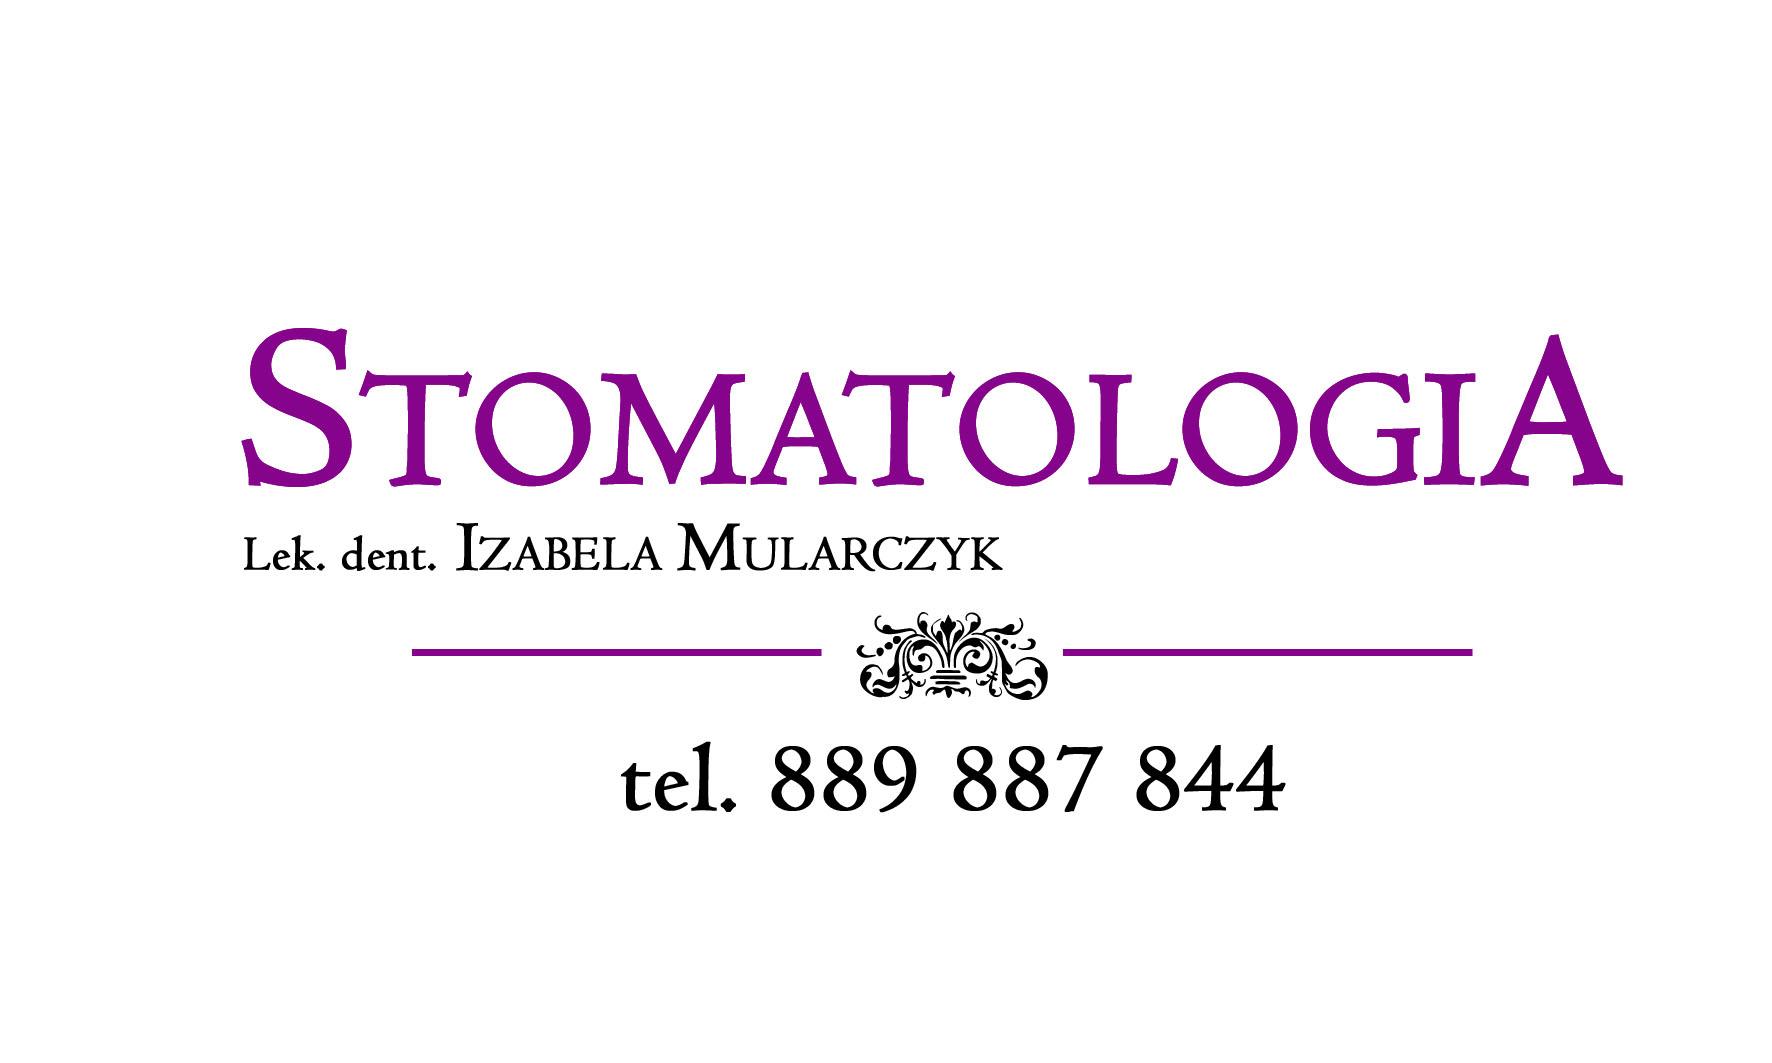 Stomatologia Rybnik Izabela Mularczyk